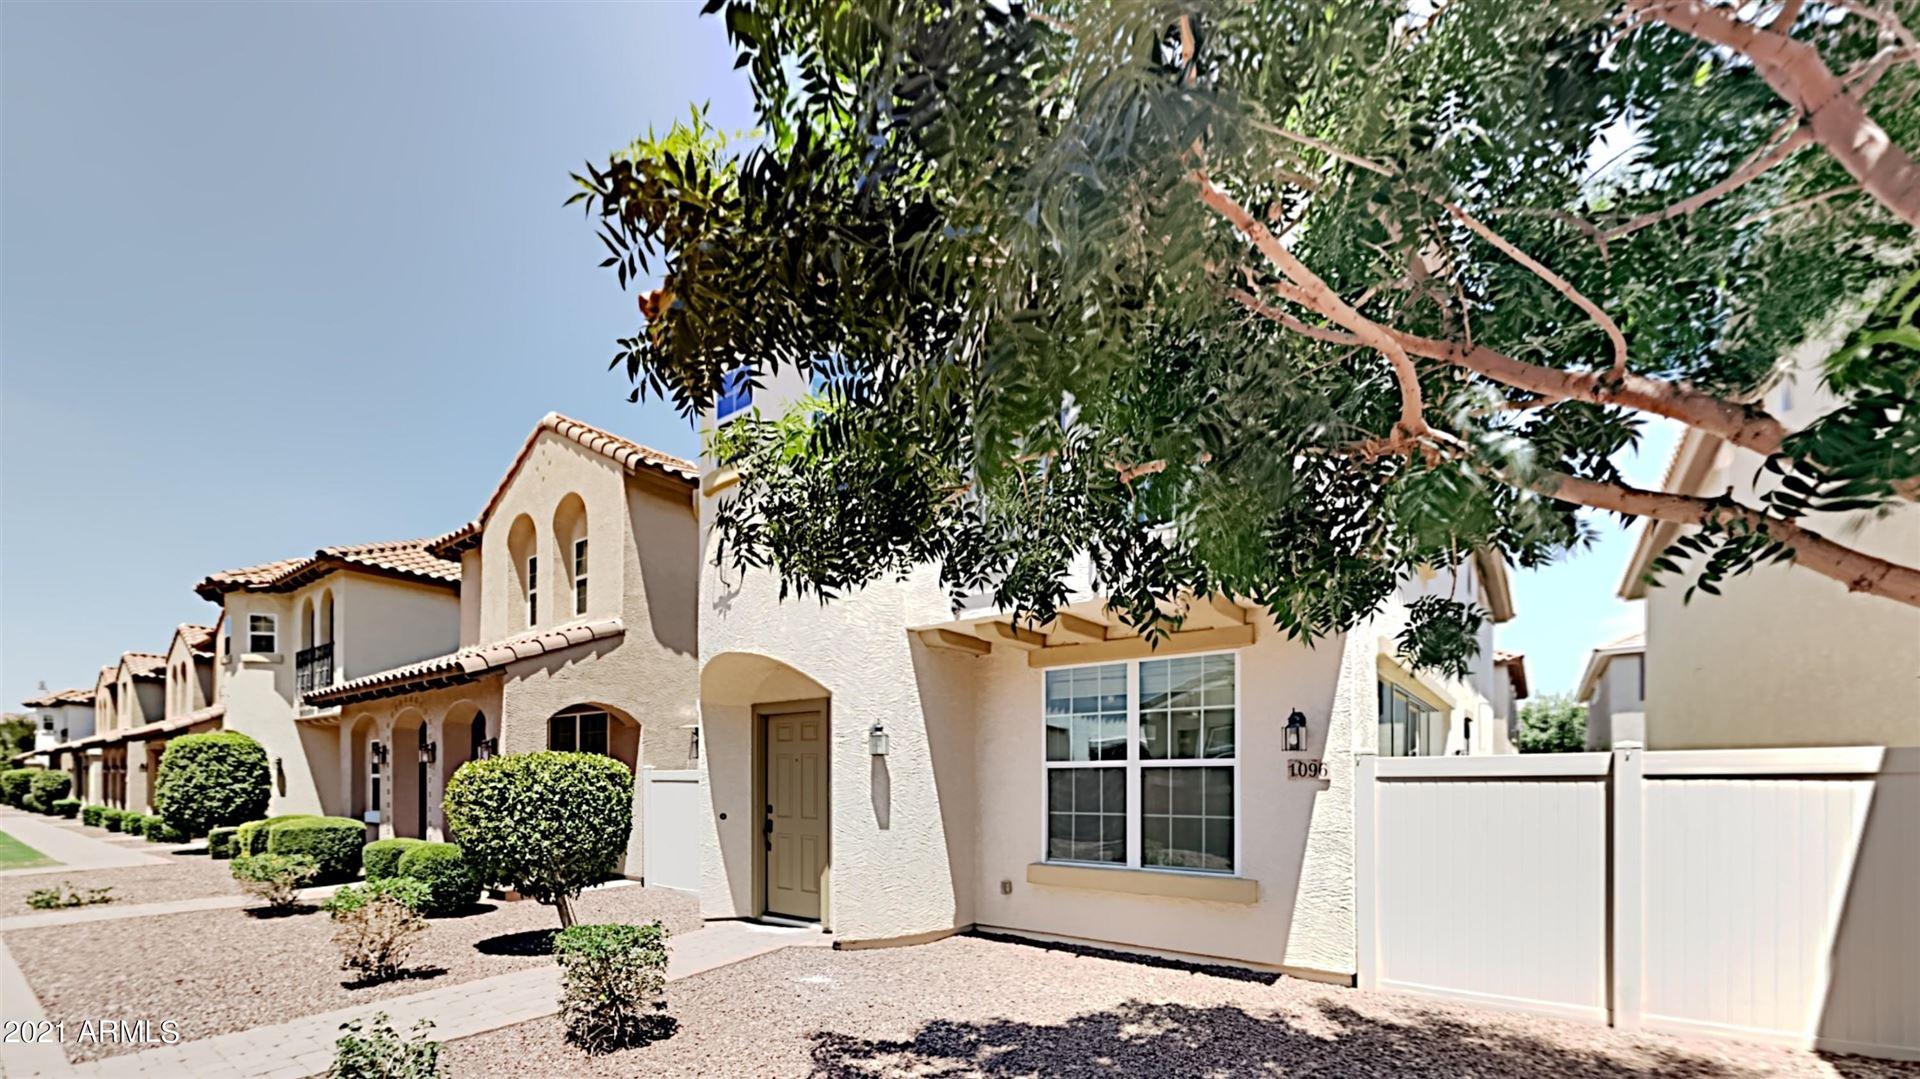 1096 S ANNIE Lane, Gilbert, AZ 85296 - MLS#: 6262183